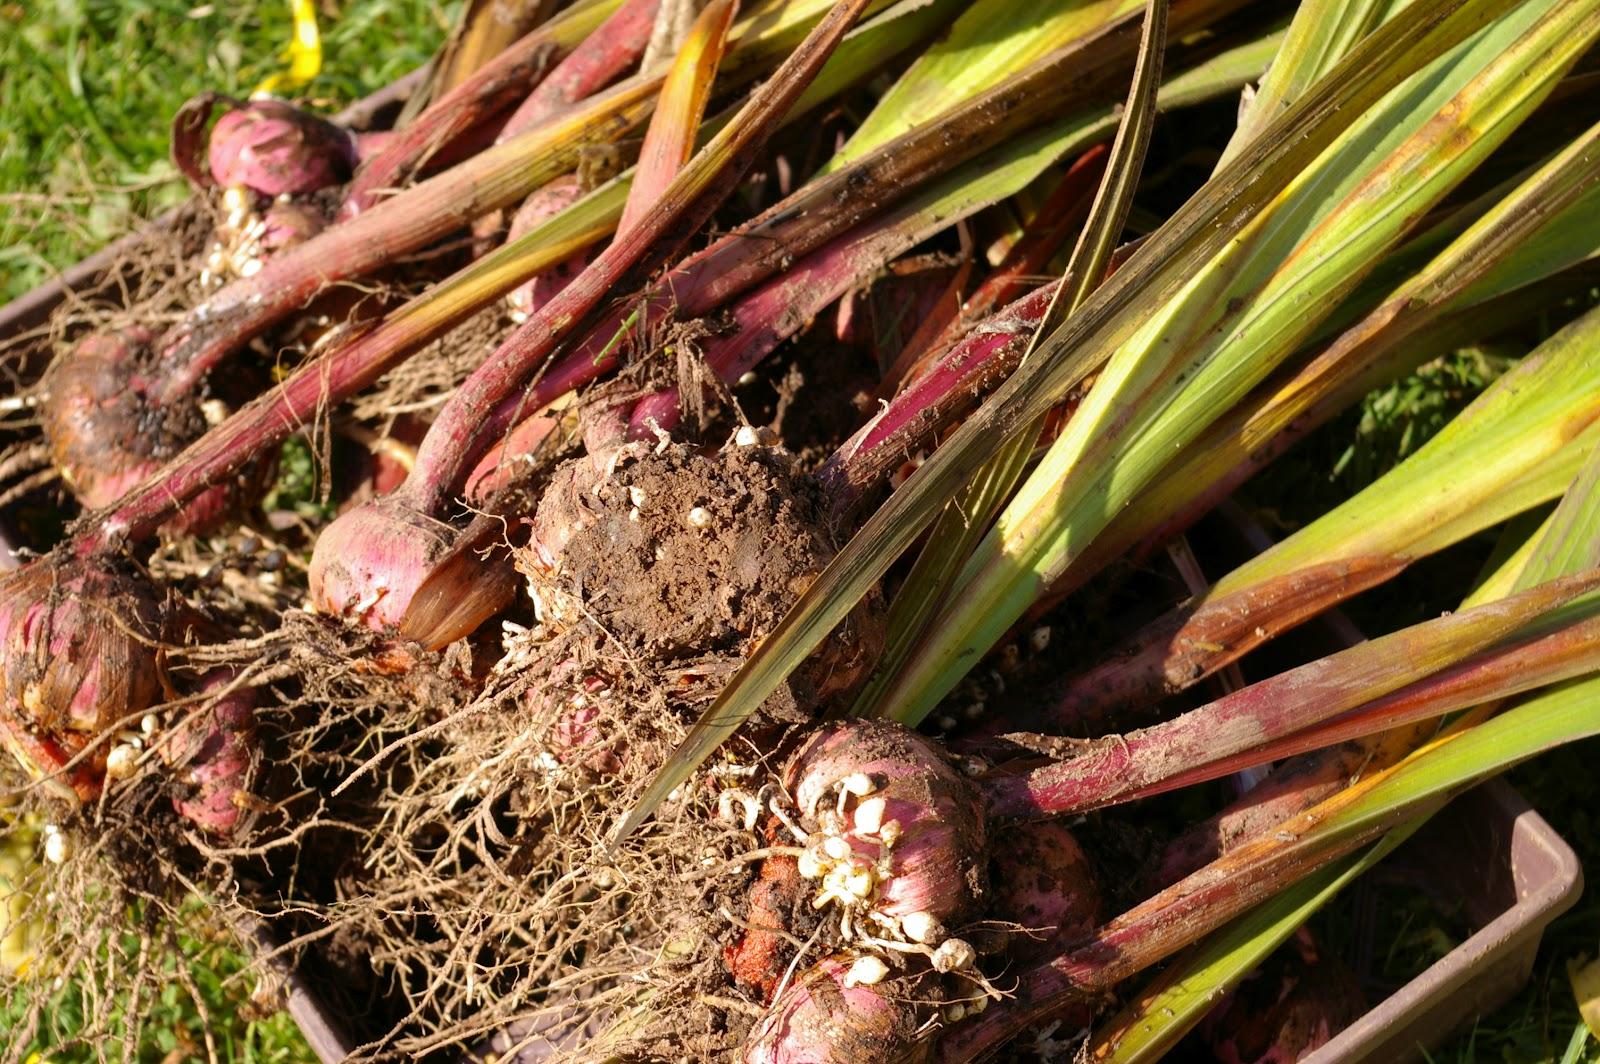 Когда выкапывать гладиолусы осенью и как хранить: благоприятные дни 2021 года и сроки выкапывания в регионах